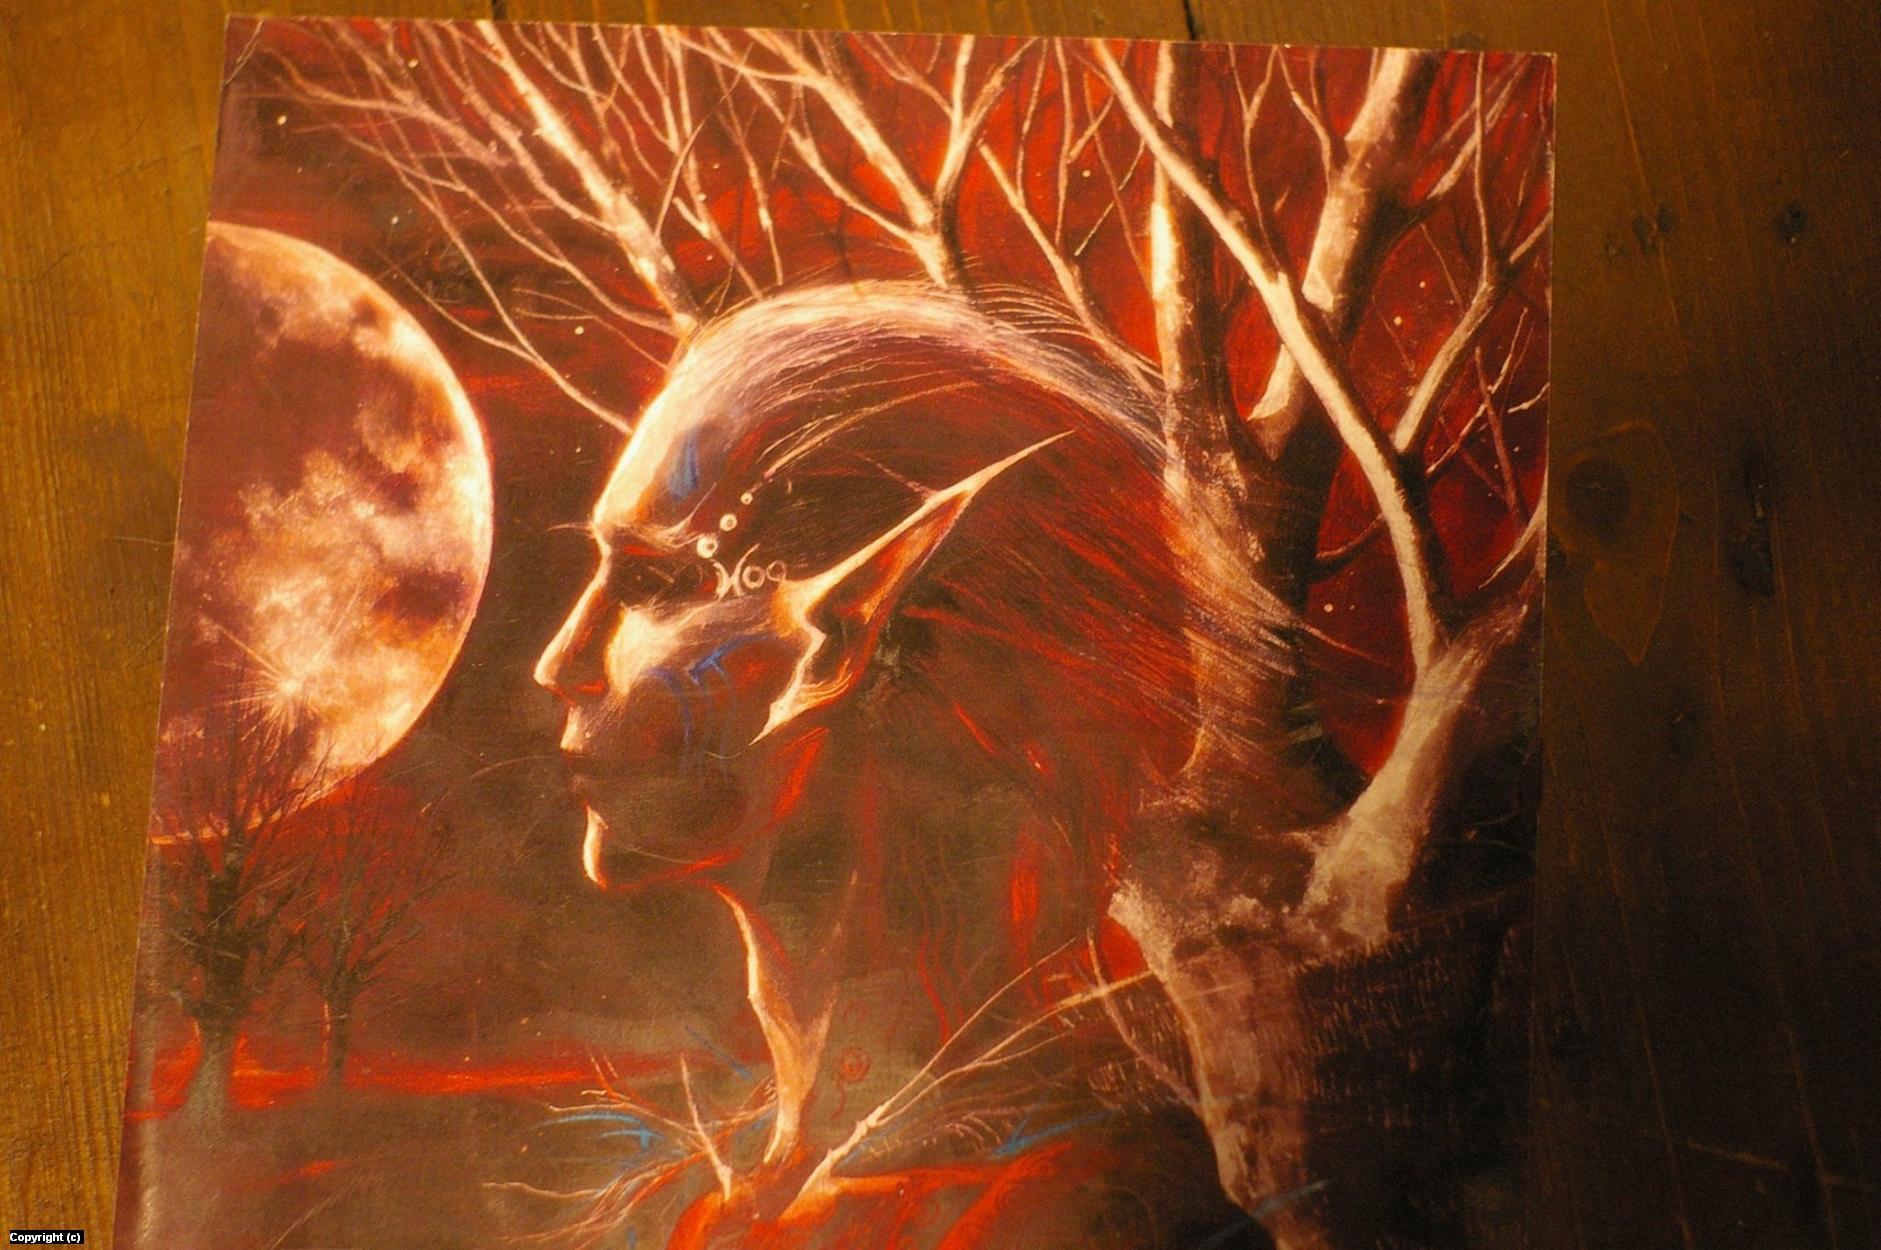 Midnight 1 Artwork by Freda Lodni